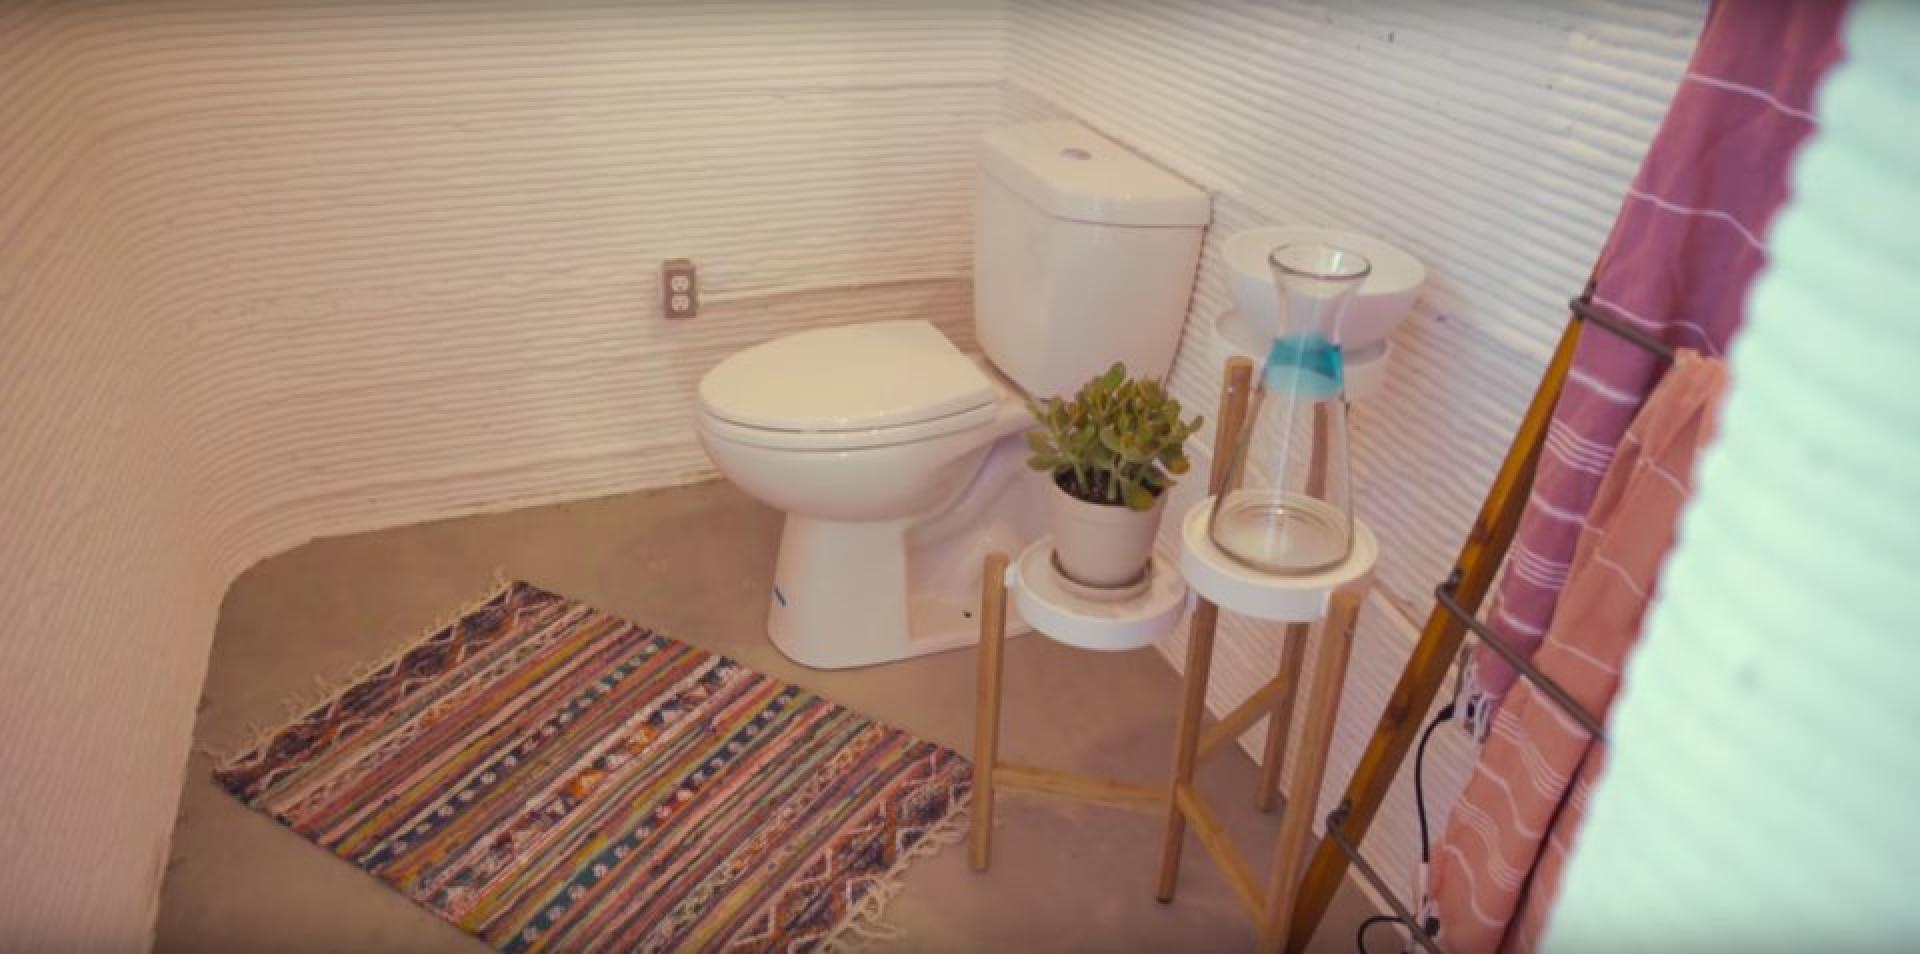 Startup usa impressora 3D para construir casas em apenas 12 horas